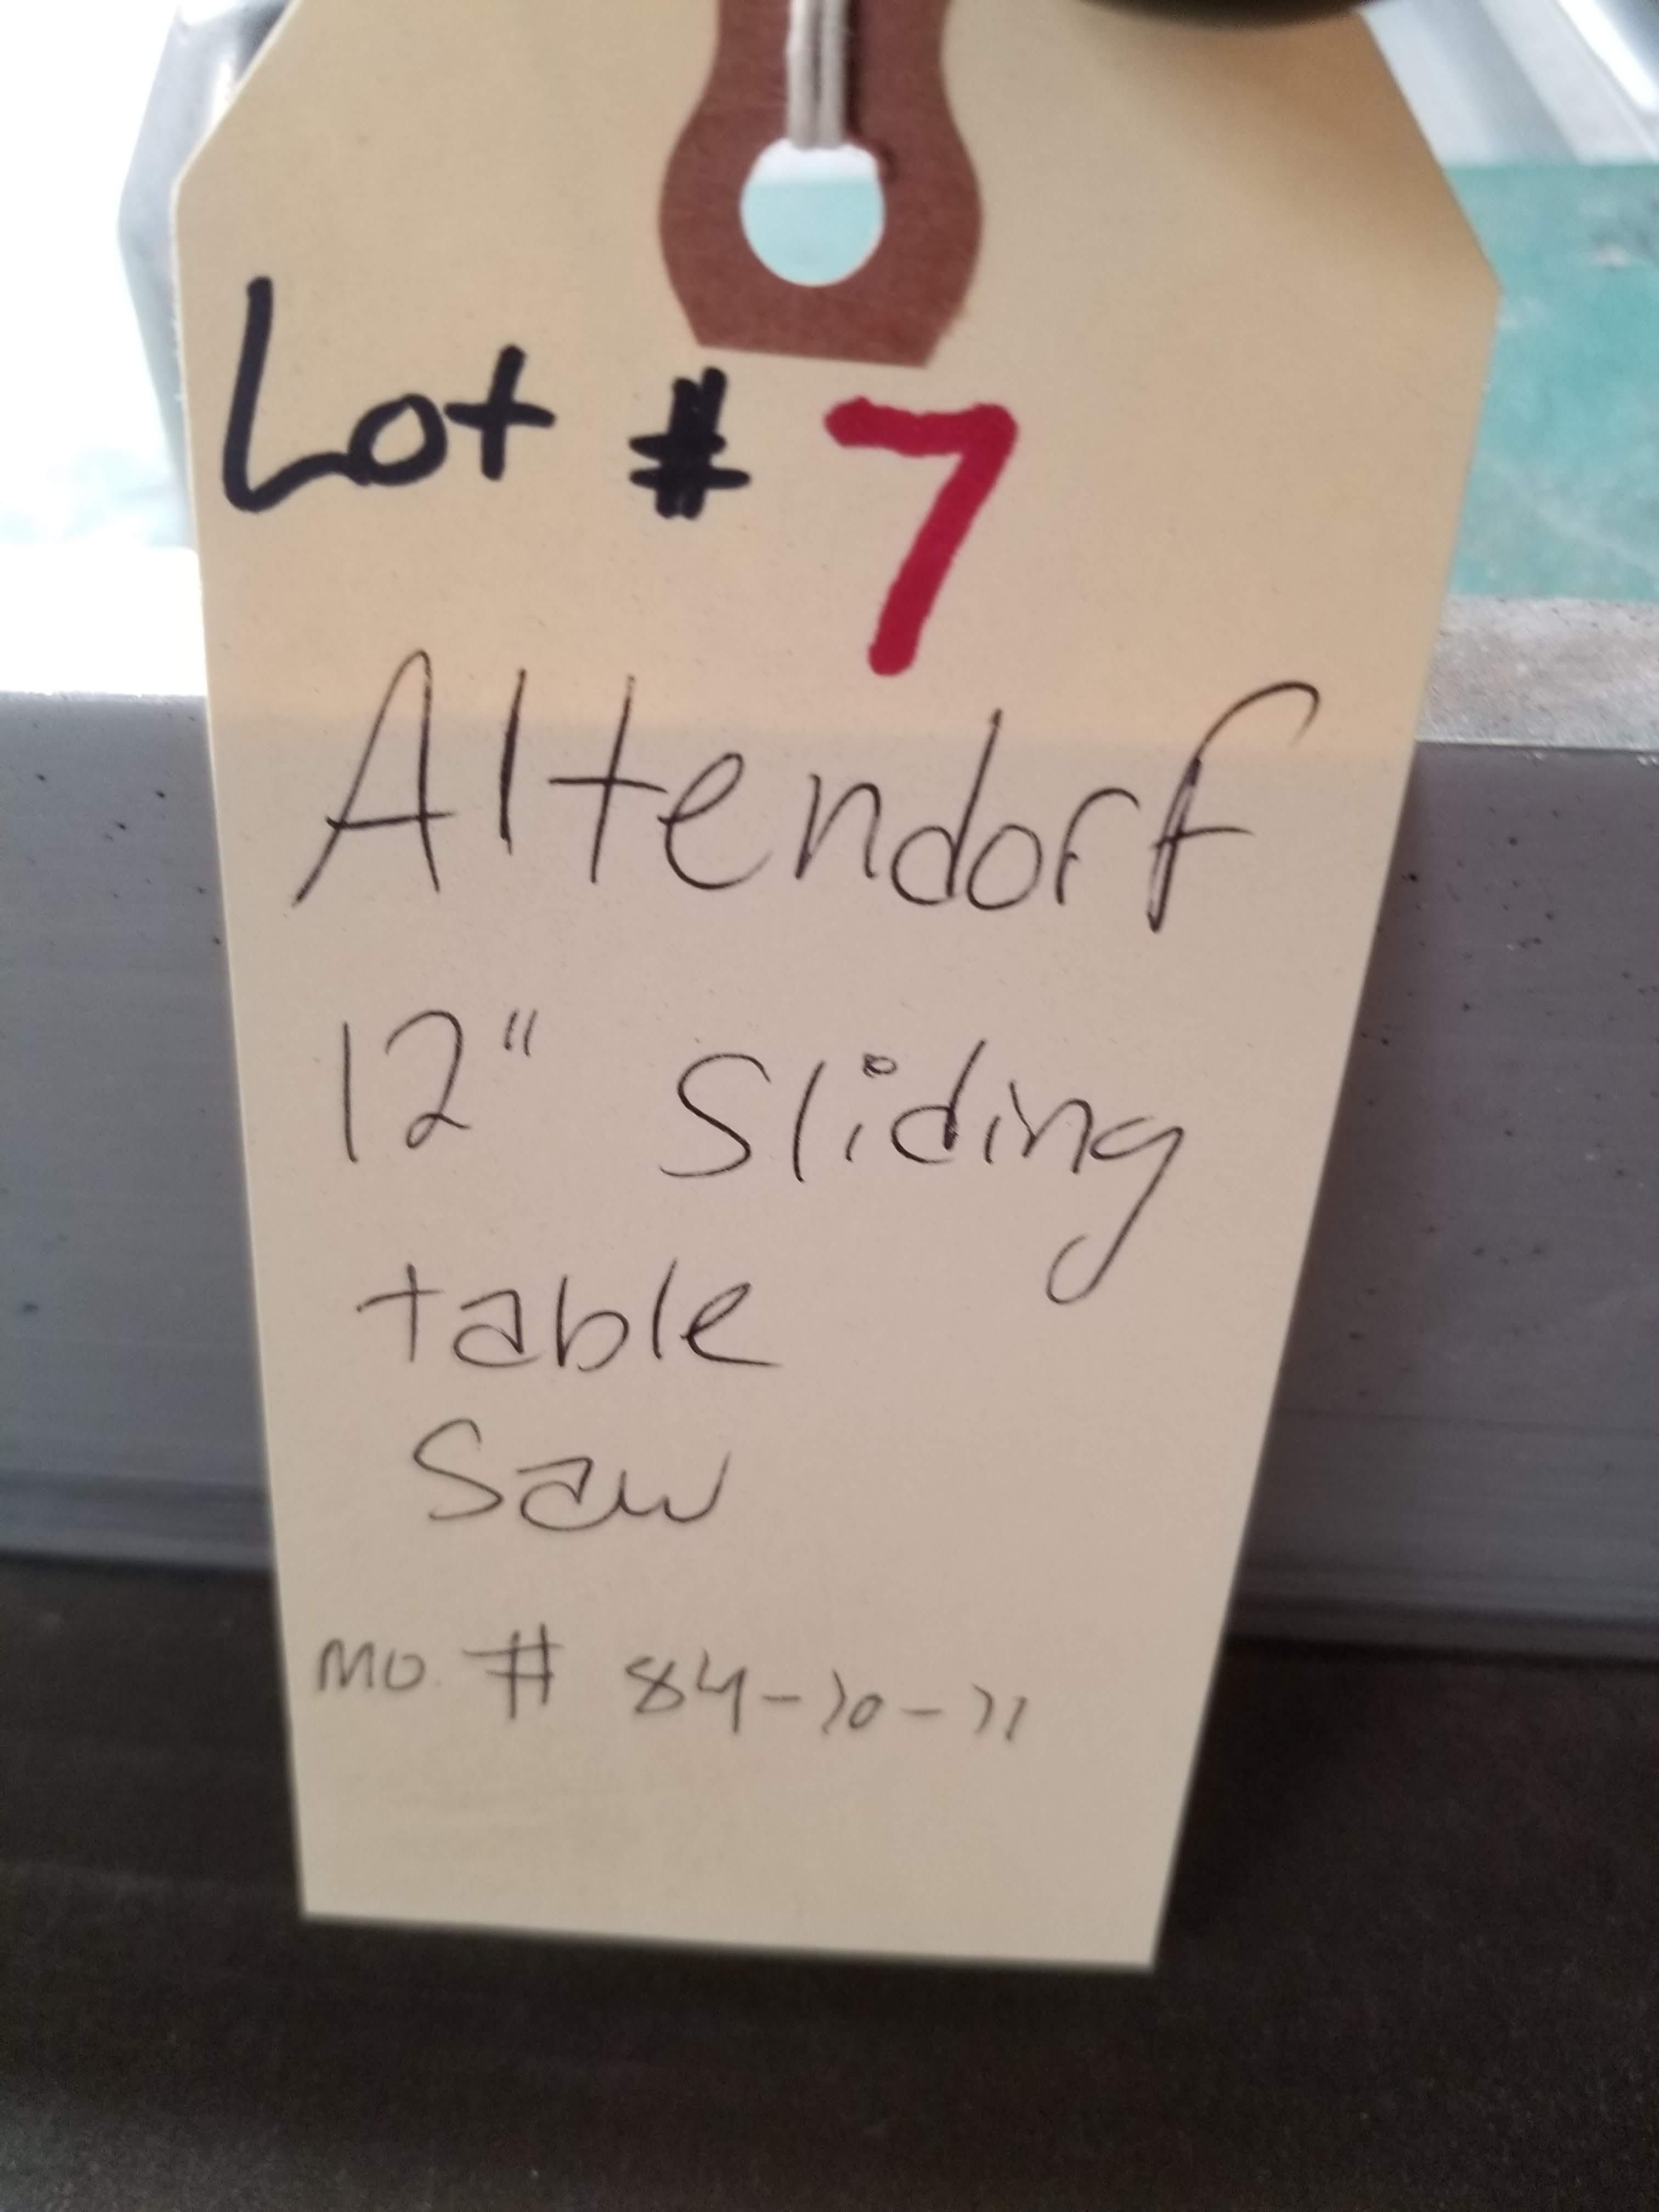 """Lot 7 - Altendorf 12"""" sliding table saw Mo. #84-10-11 w/ scoring blade, 7.5HP Main Motor, 1HP Scoring"""